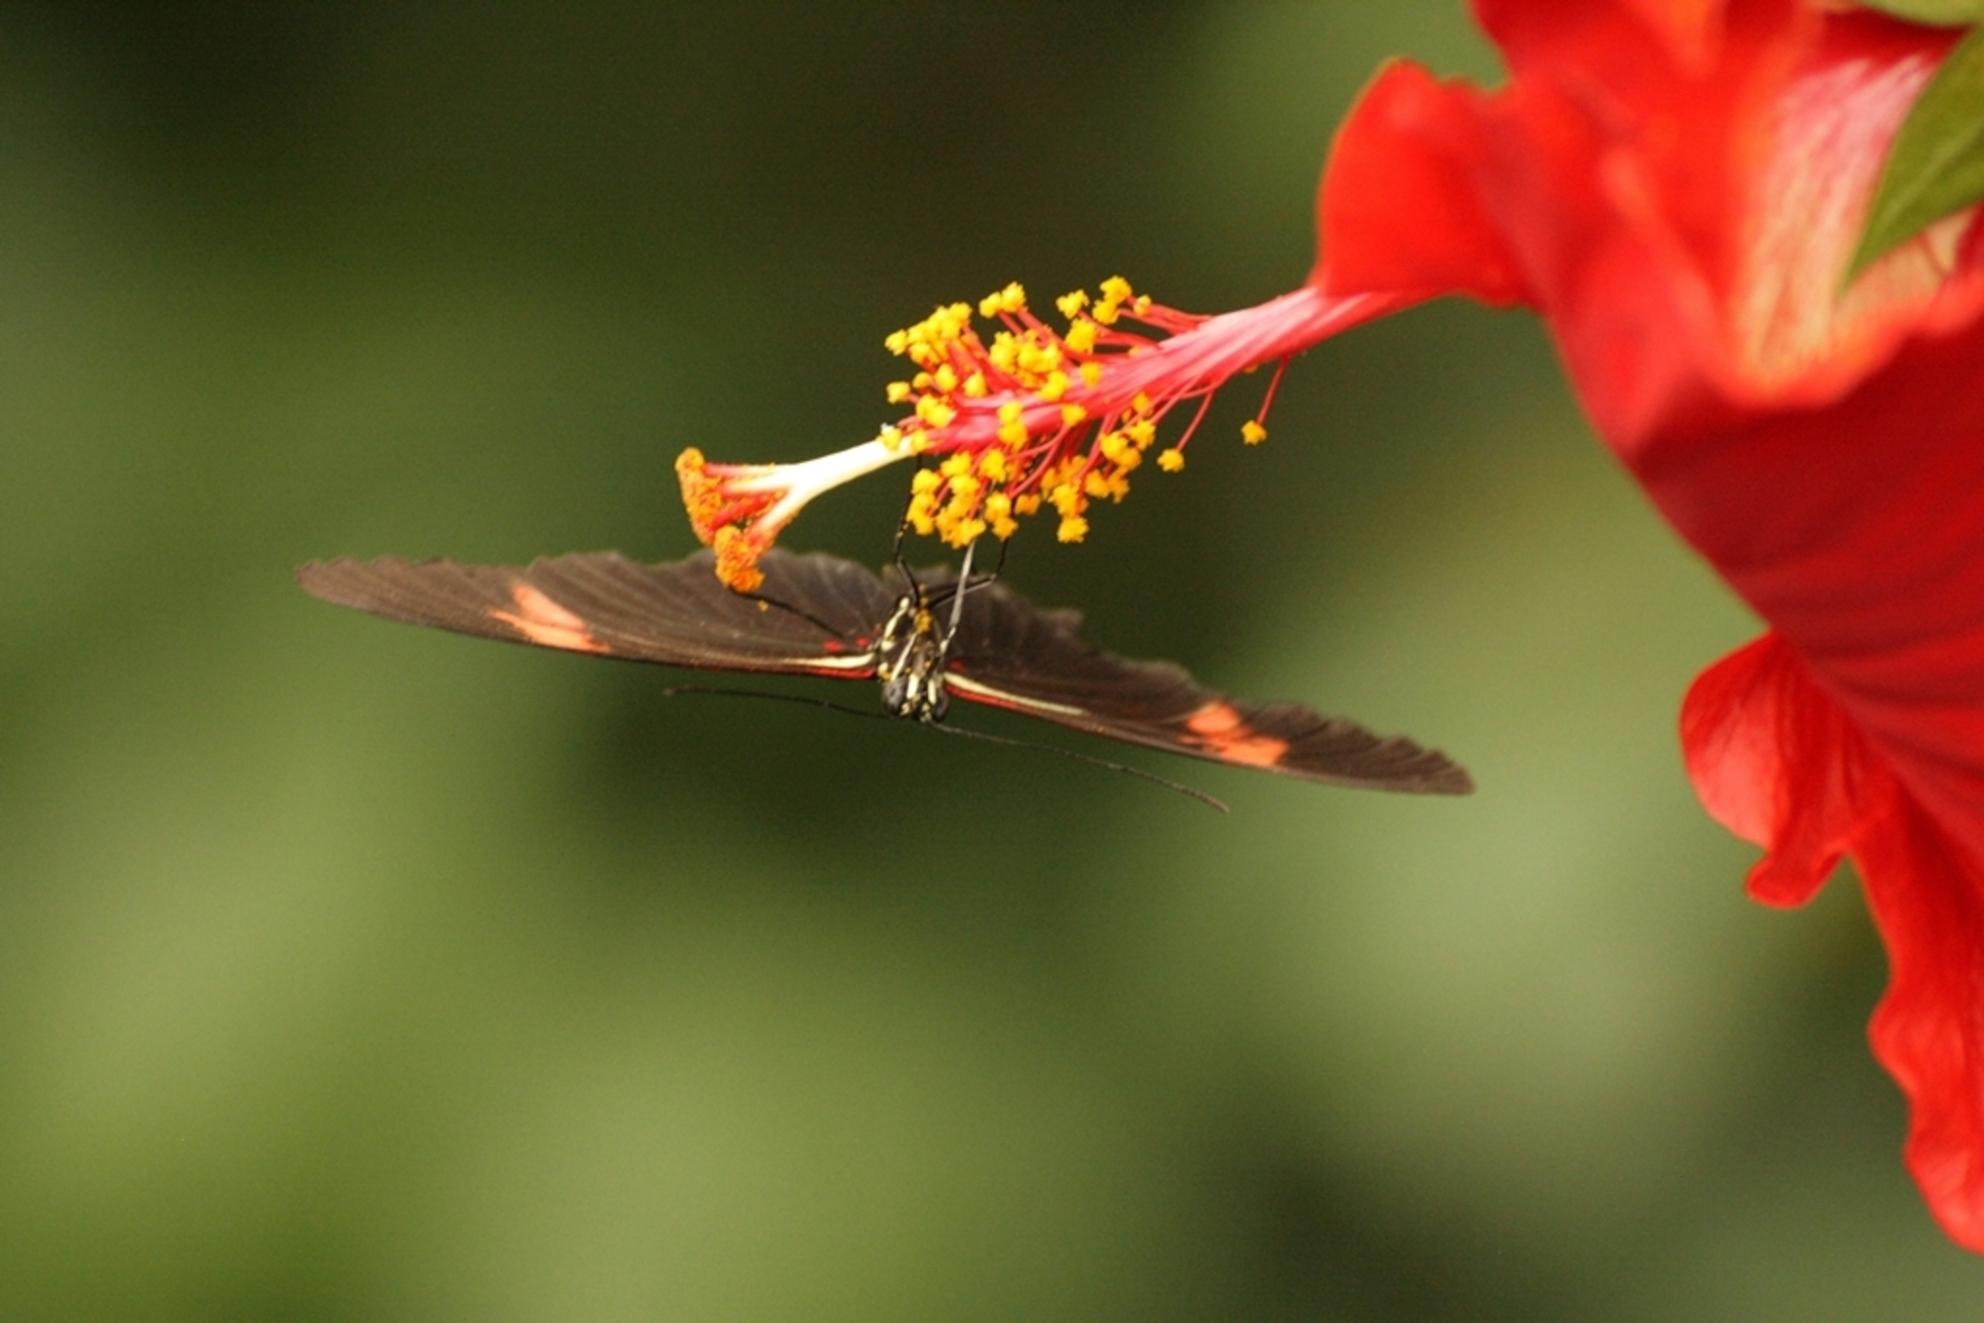 Upside down - Vlinder....... - foto door benbaremans op 29-01-2012 - deze foto bevat: vlinder, dieren